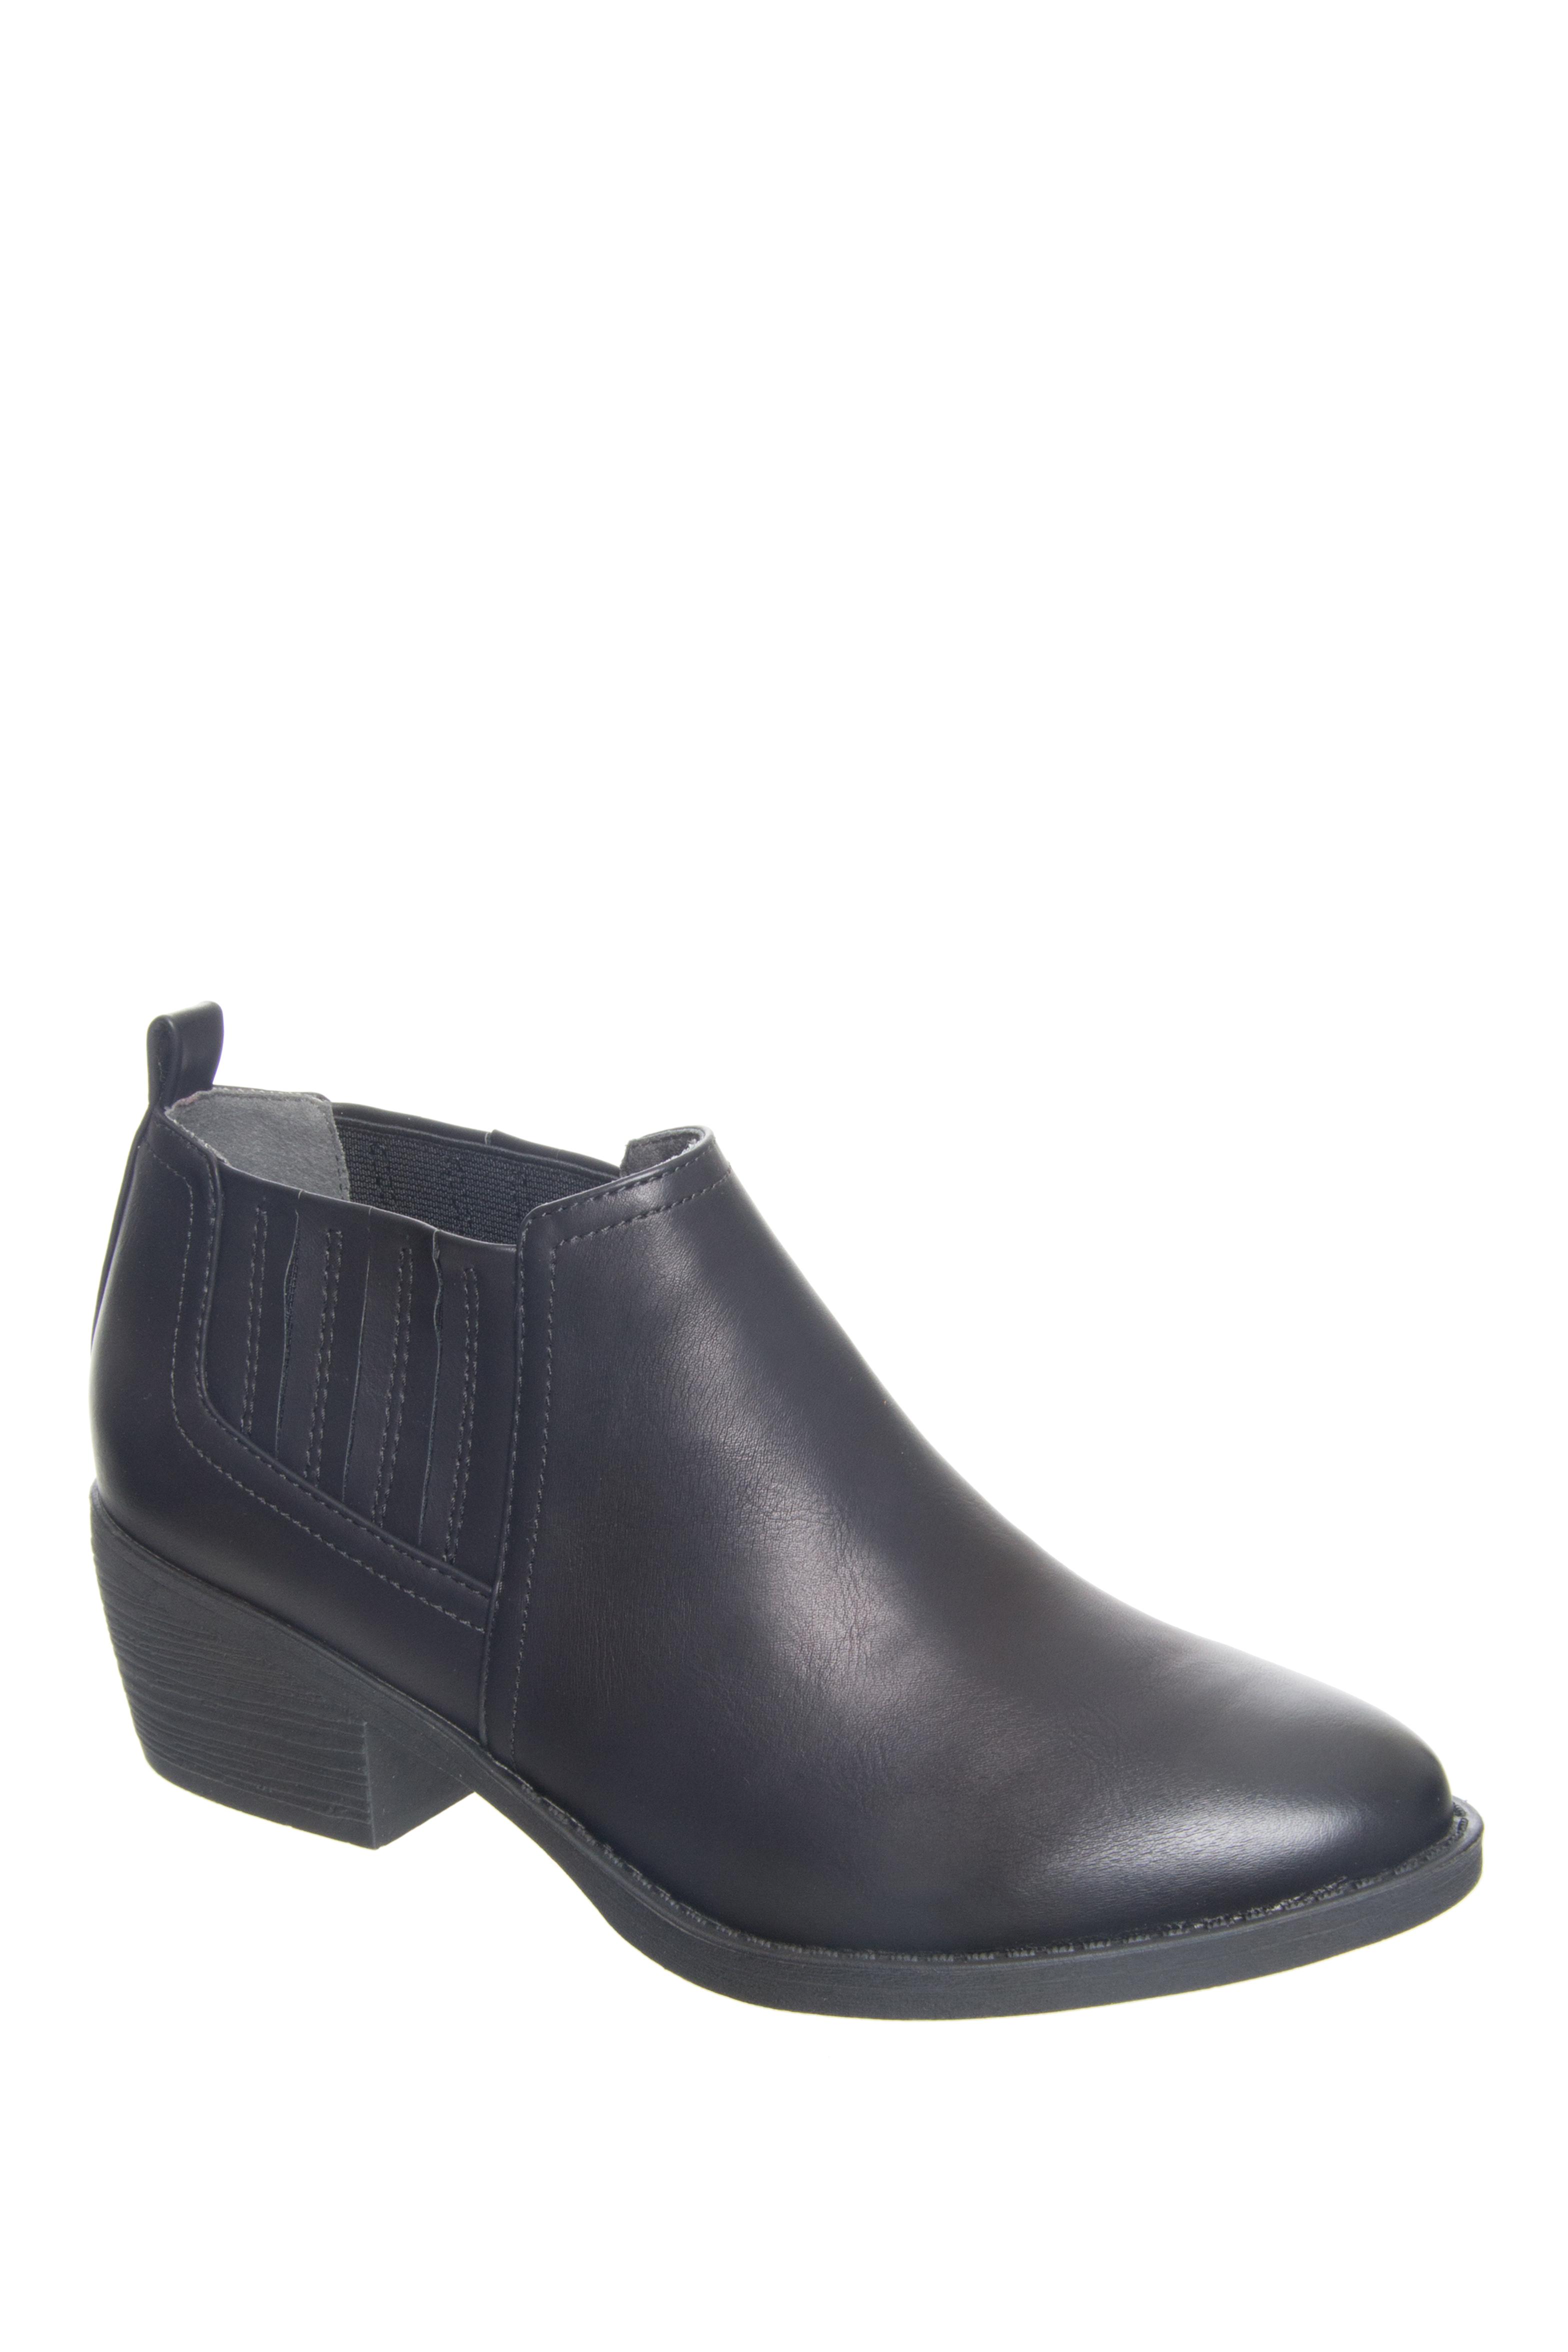 BC Footwear Angel Low Heel Slip-On Booties - Black